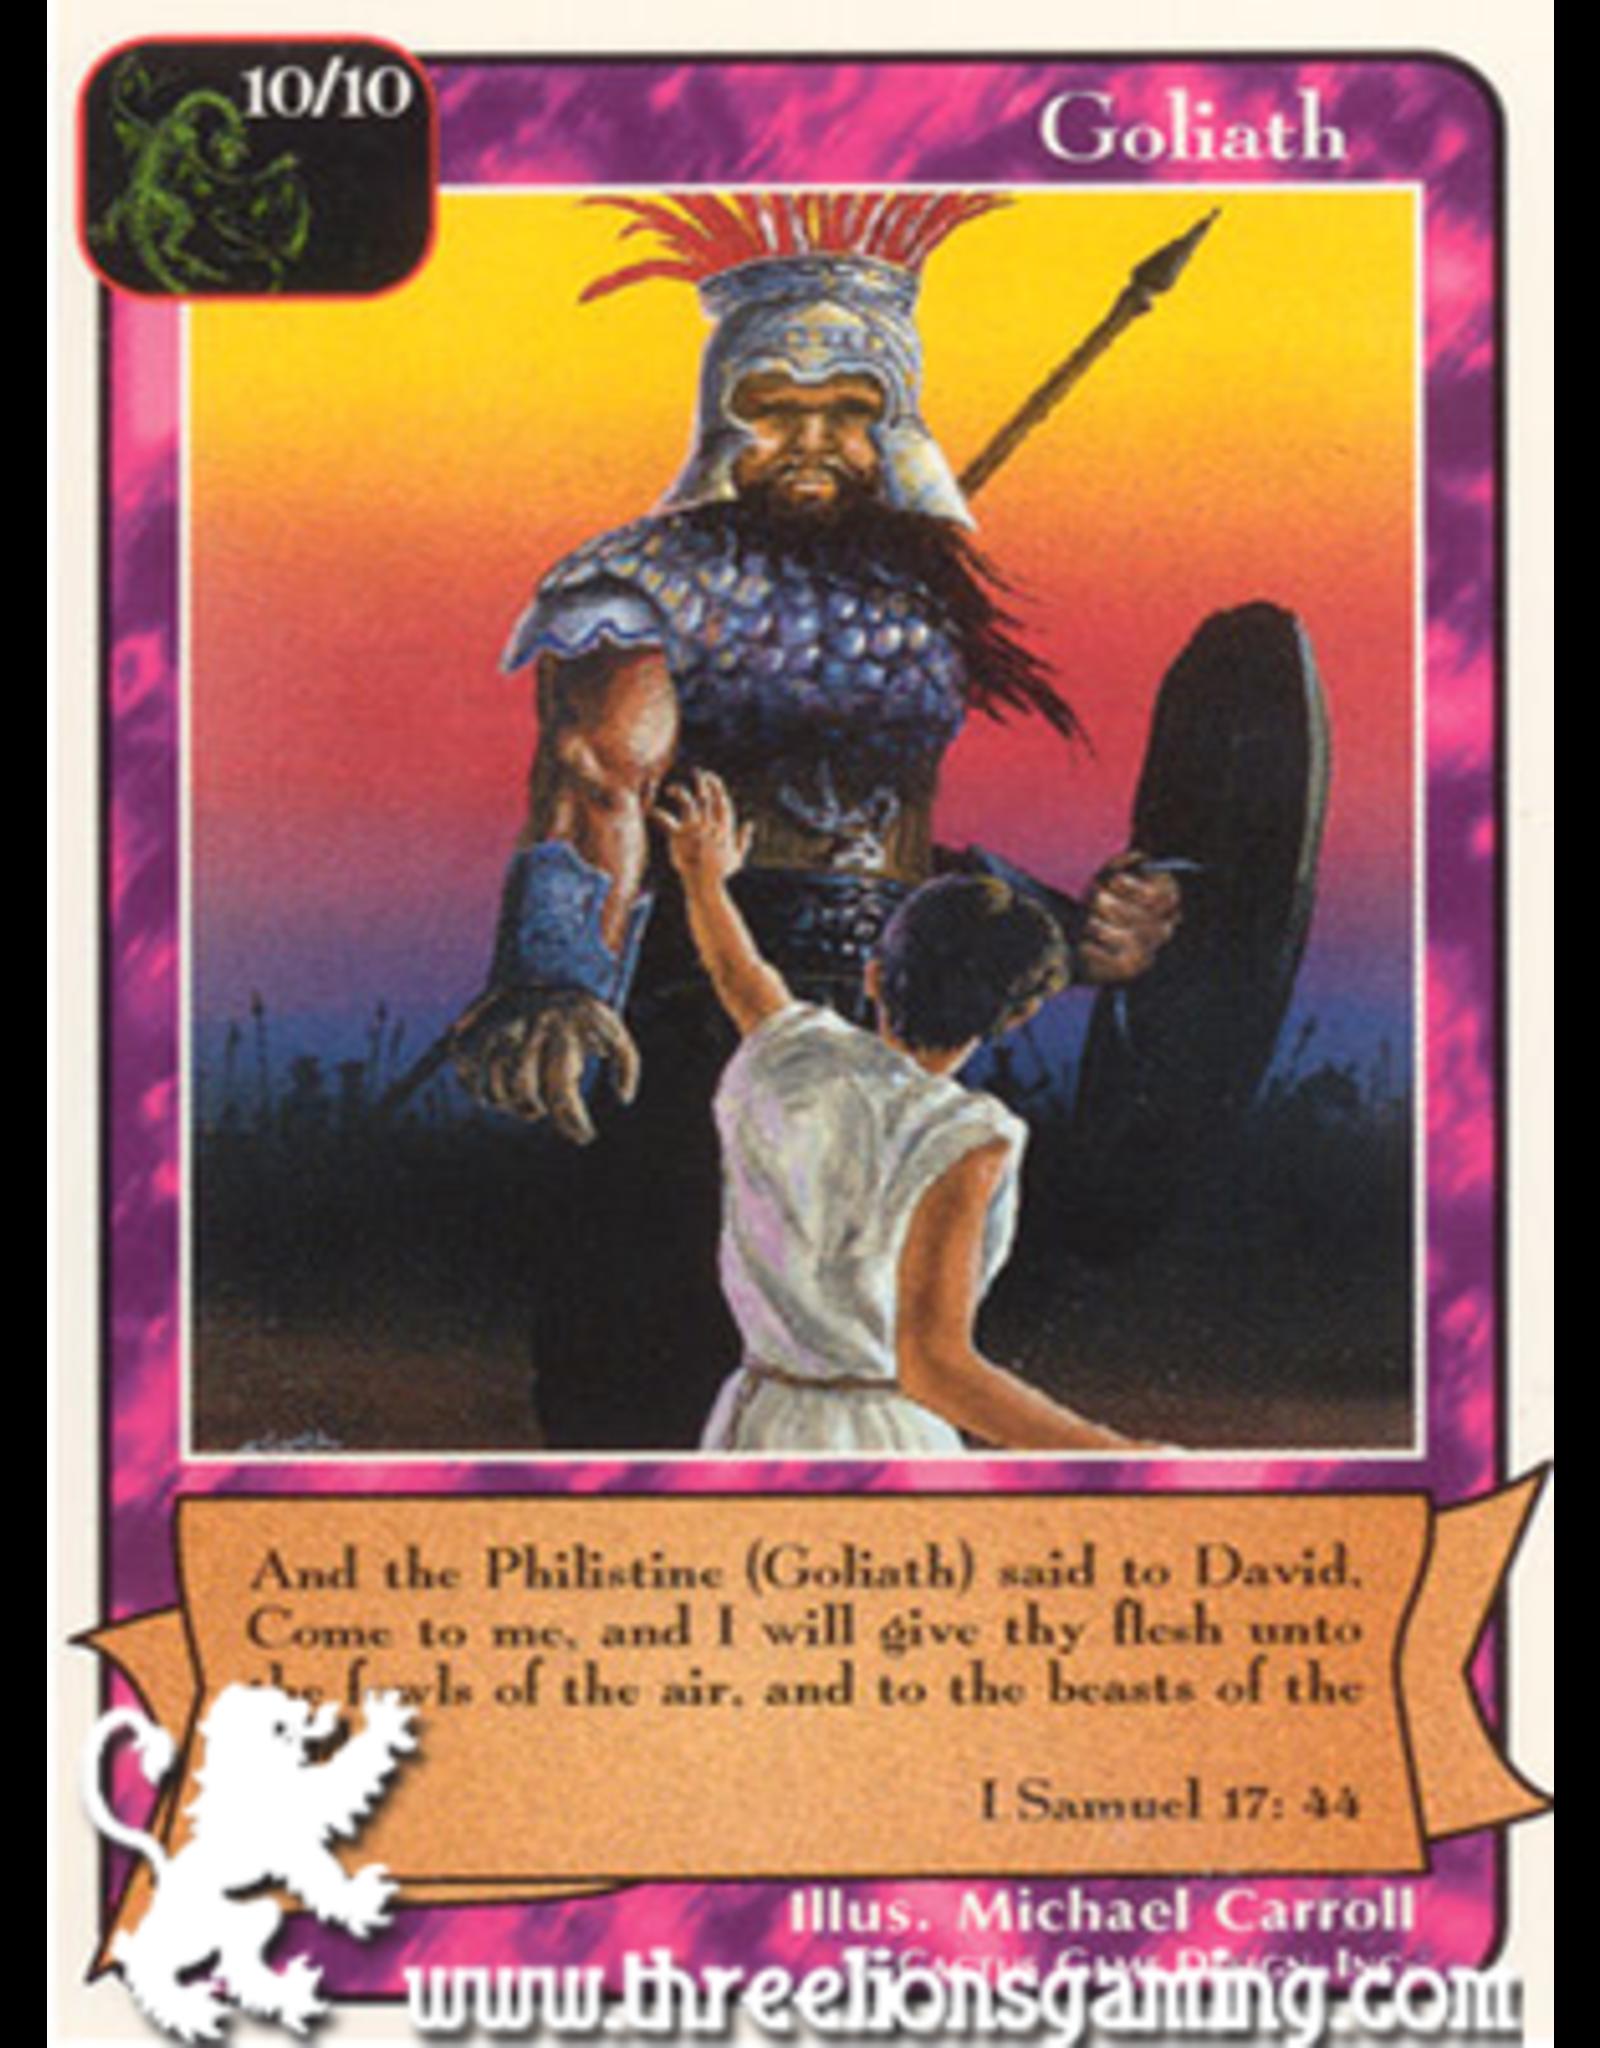 Orig: Goliath